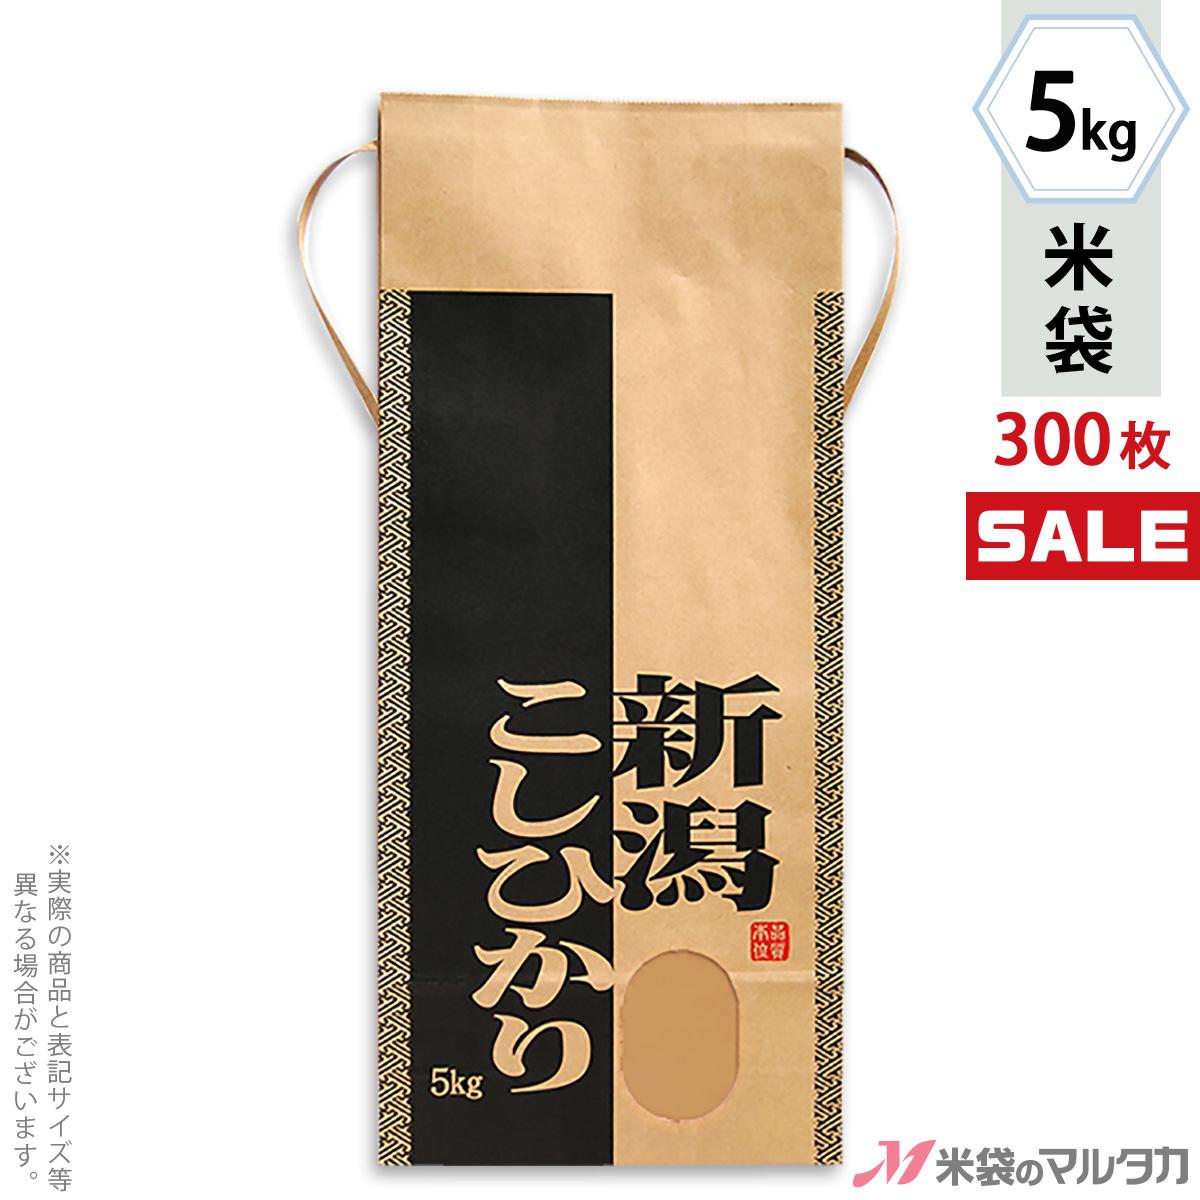 <キャンペーン対応>米袋 KH-0015 マルタカ クラフト 新潟産こしひかり さやがた 窓付 角底 5kg用紐付 【米袋 5kg】【1ケース(300枚入)】